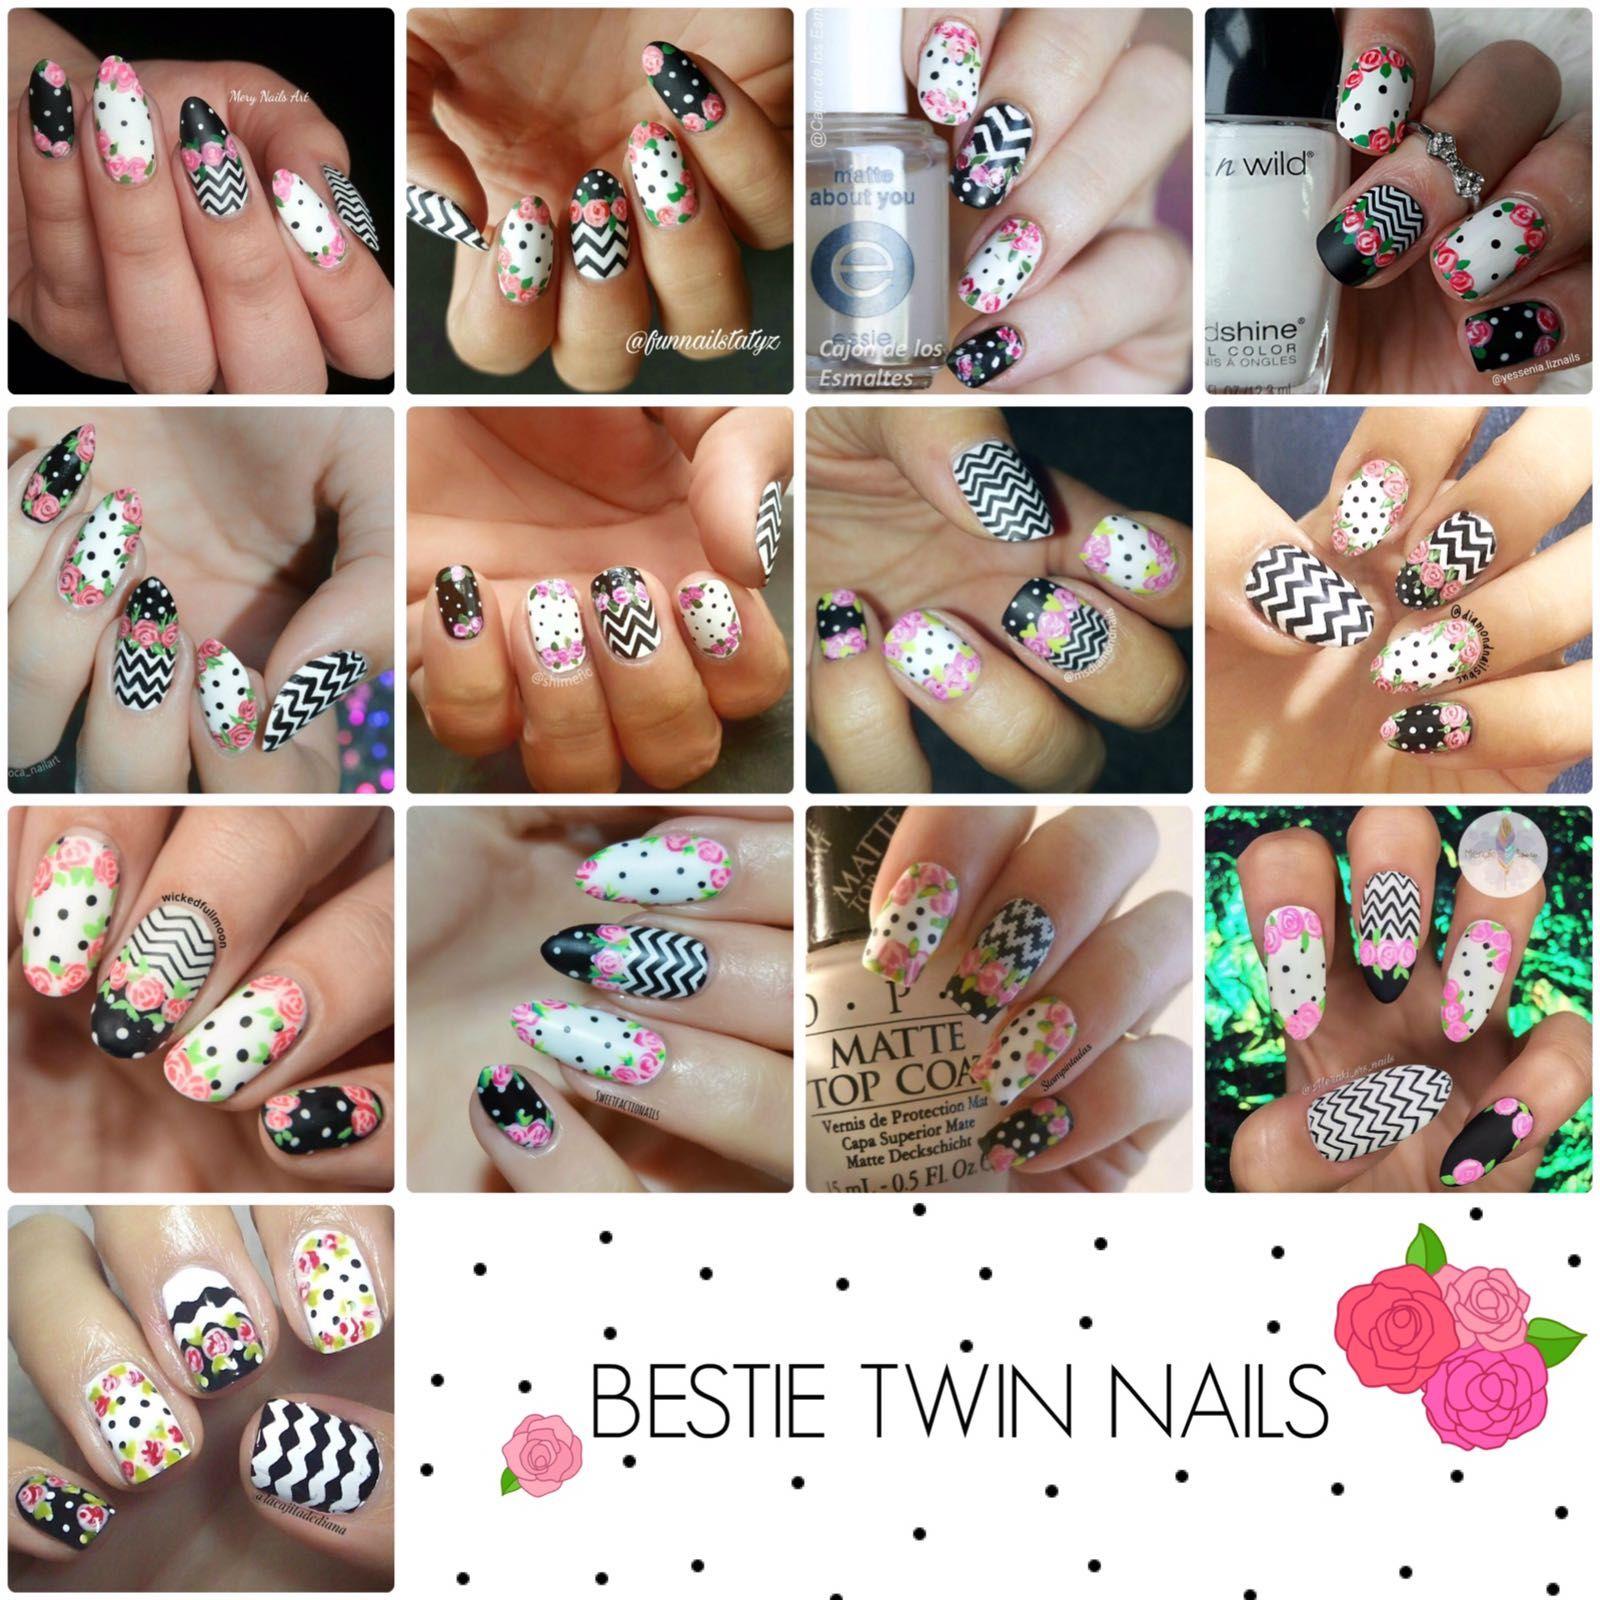 Decoración de uñas con rosas al pincel - Twin nails | Decoración de ...